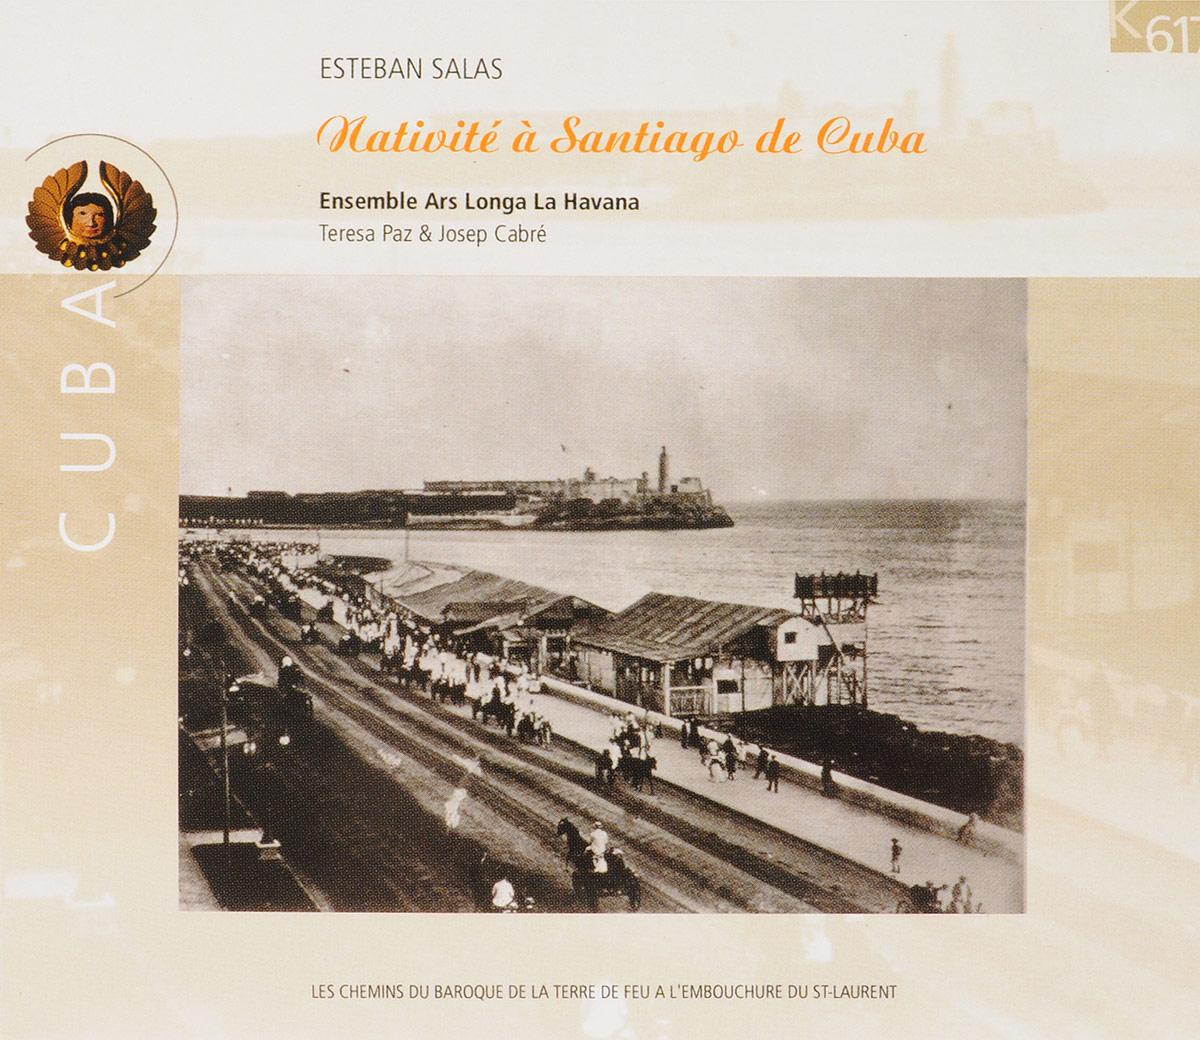 VARIOUS. SALAS / NATIVITE A SANTIAGO DE CUBA. 1